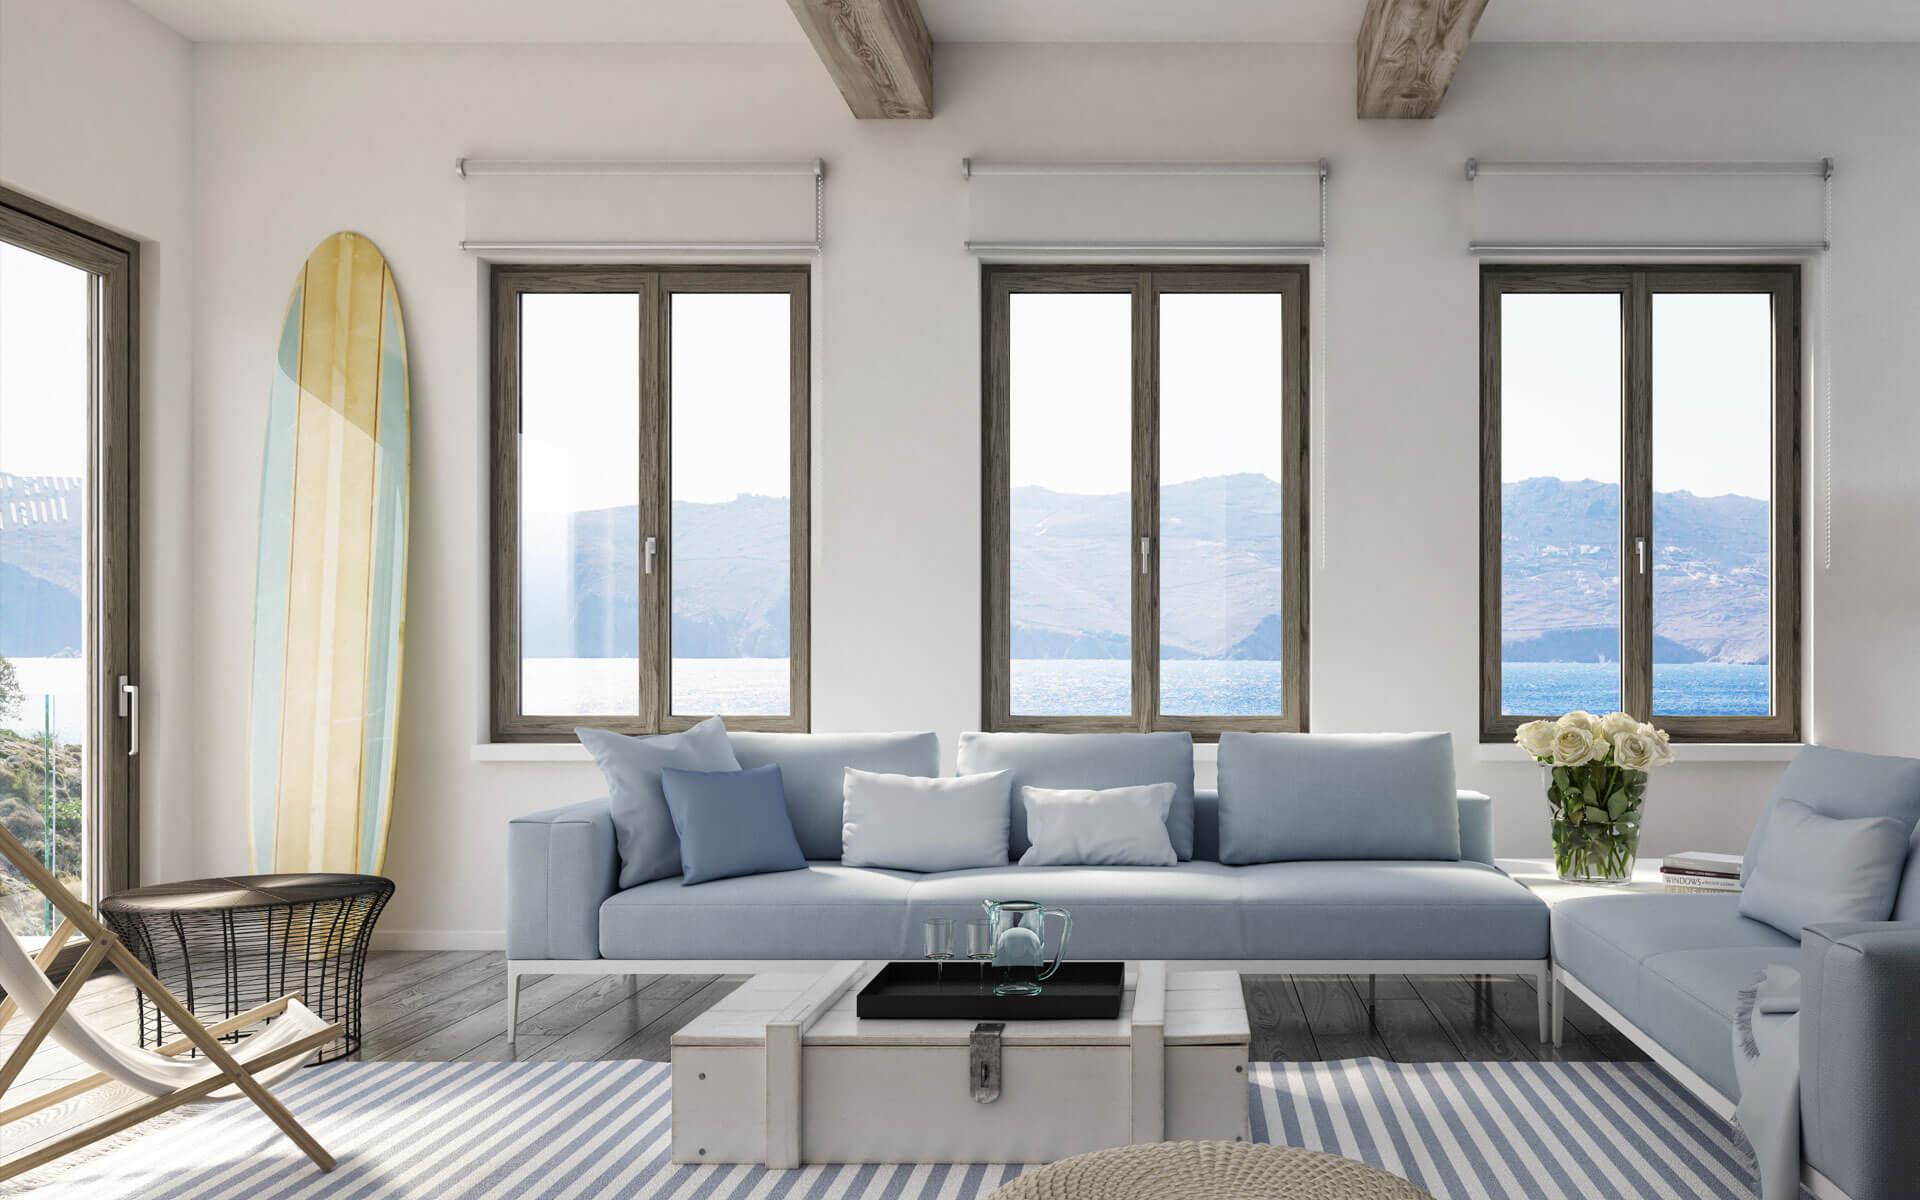 Per combattere il caldo in casa la soluzione migliore è sostituire i vecchi serramenti con delle moderne finestre in pvc